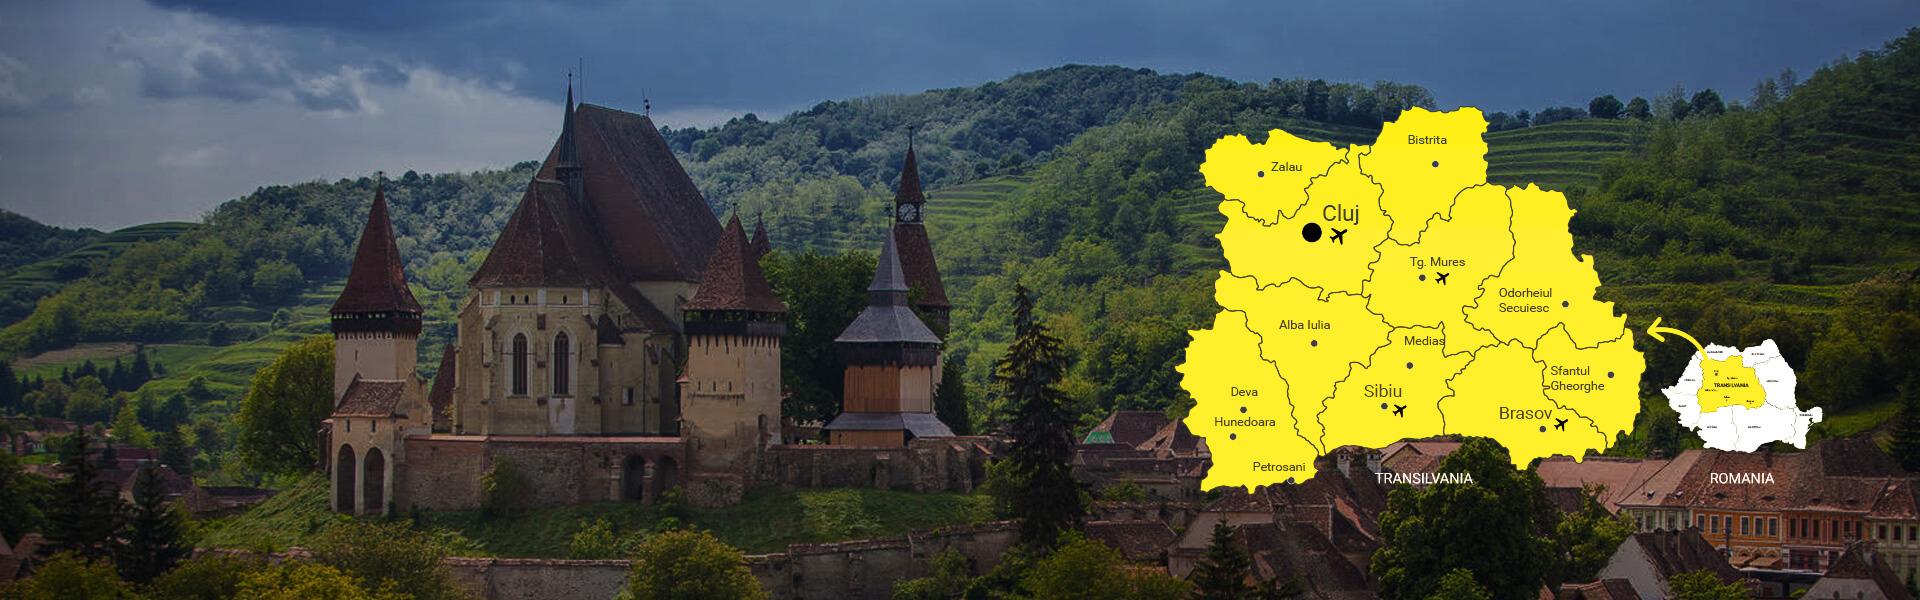 Aventura si activitati outdoor in Transilvania